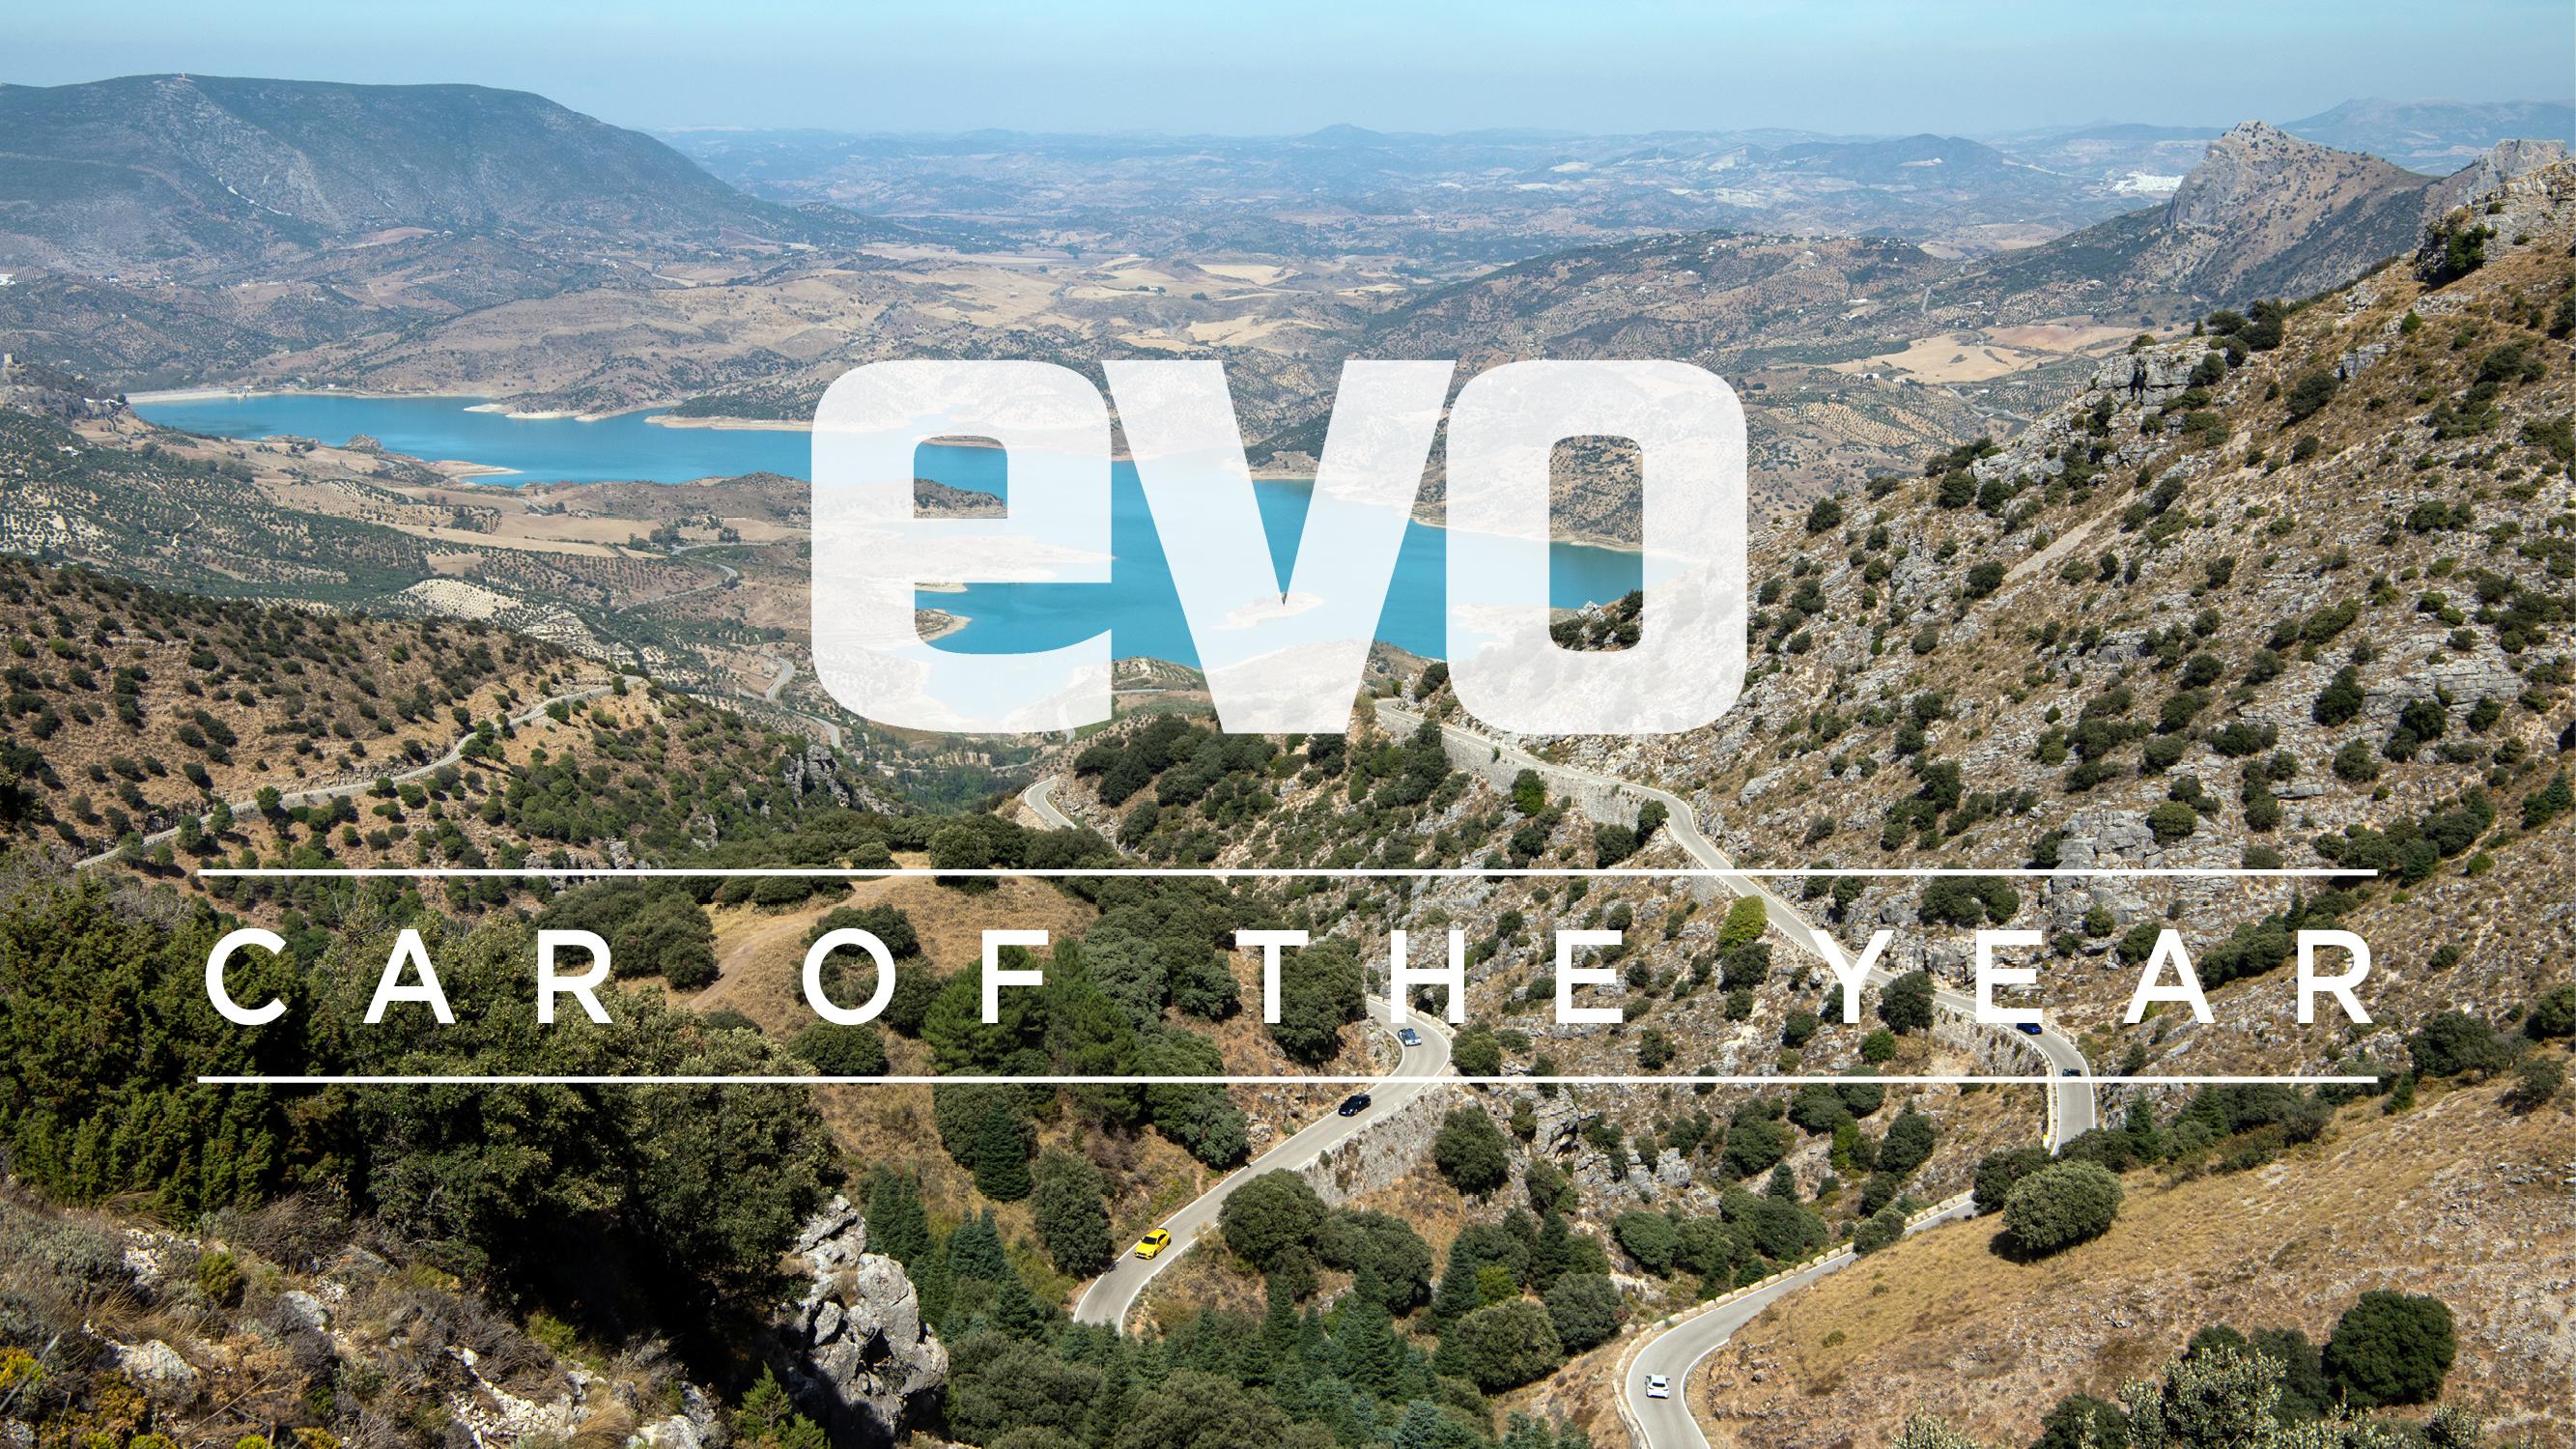 www.evo.co.uk